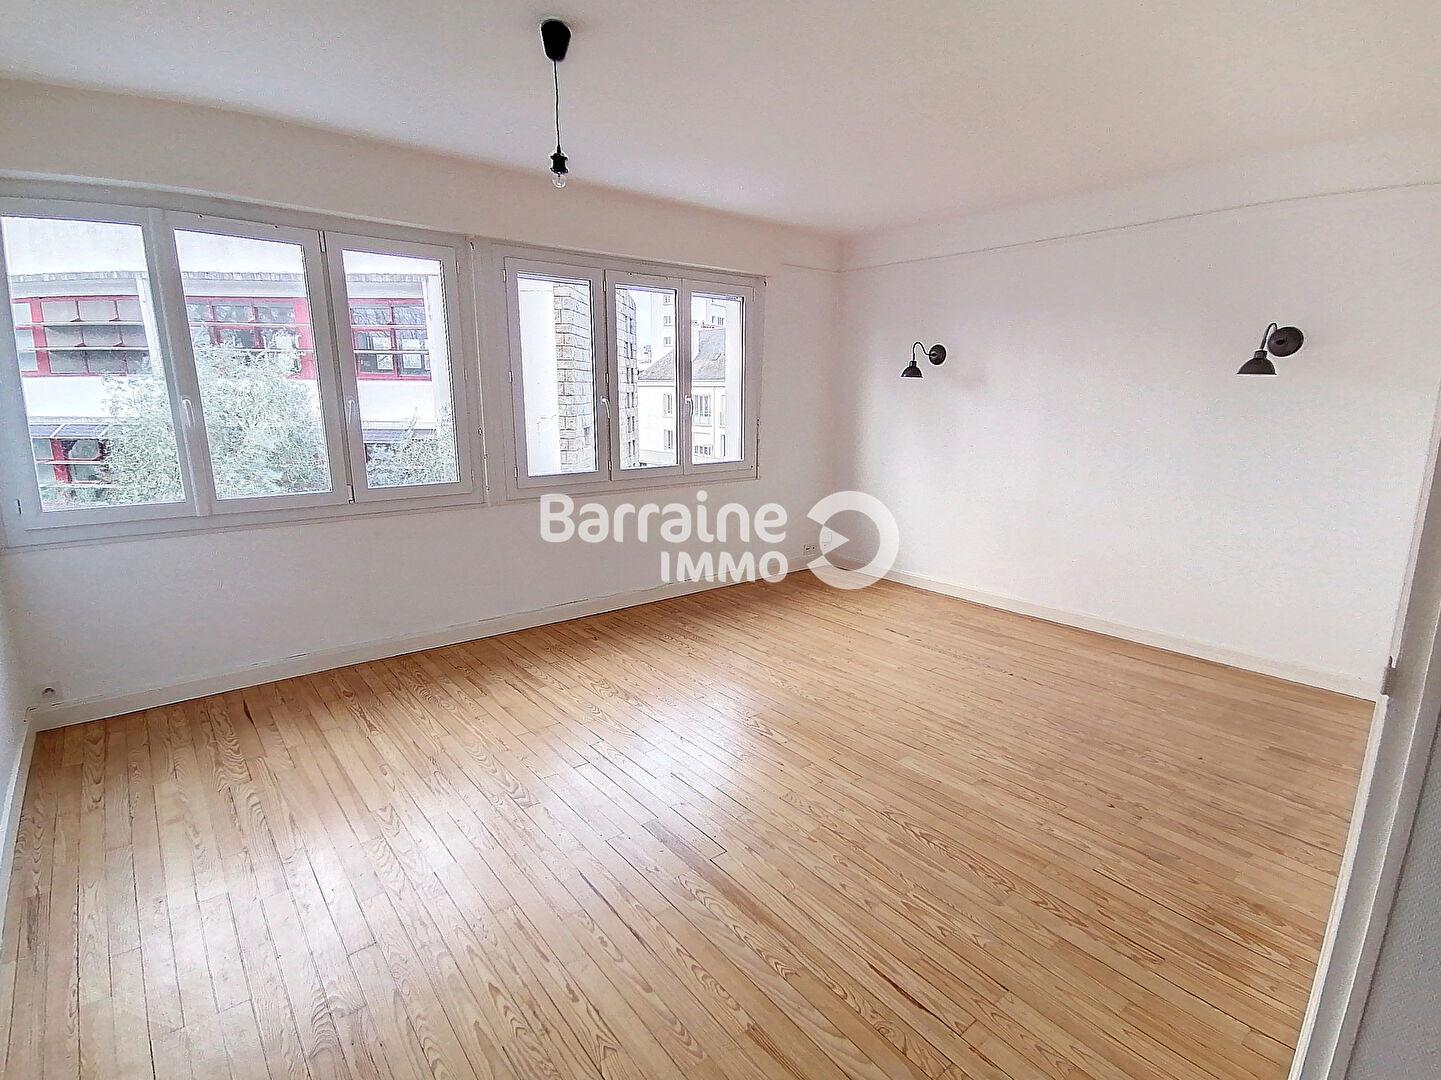 A LOUER - LORIENT CENTRE VILLE- Appartement T3 AU 3EME ETAGE